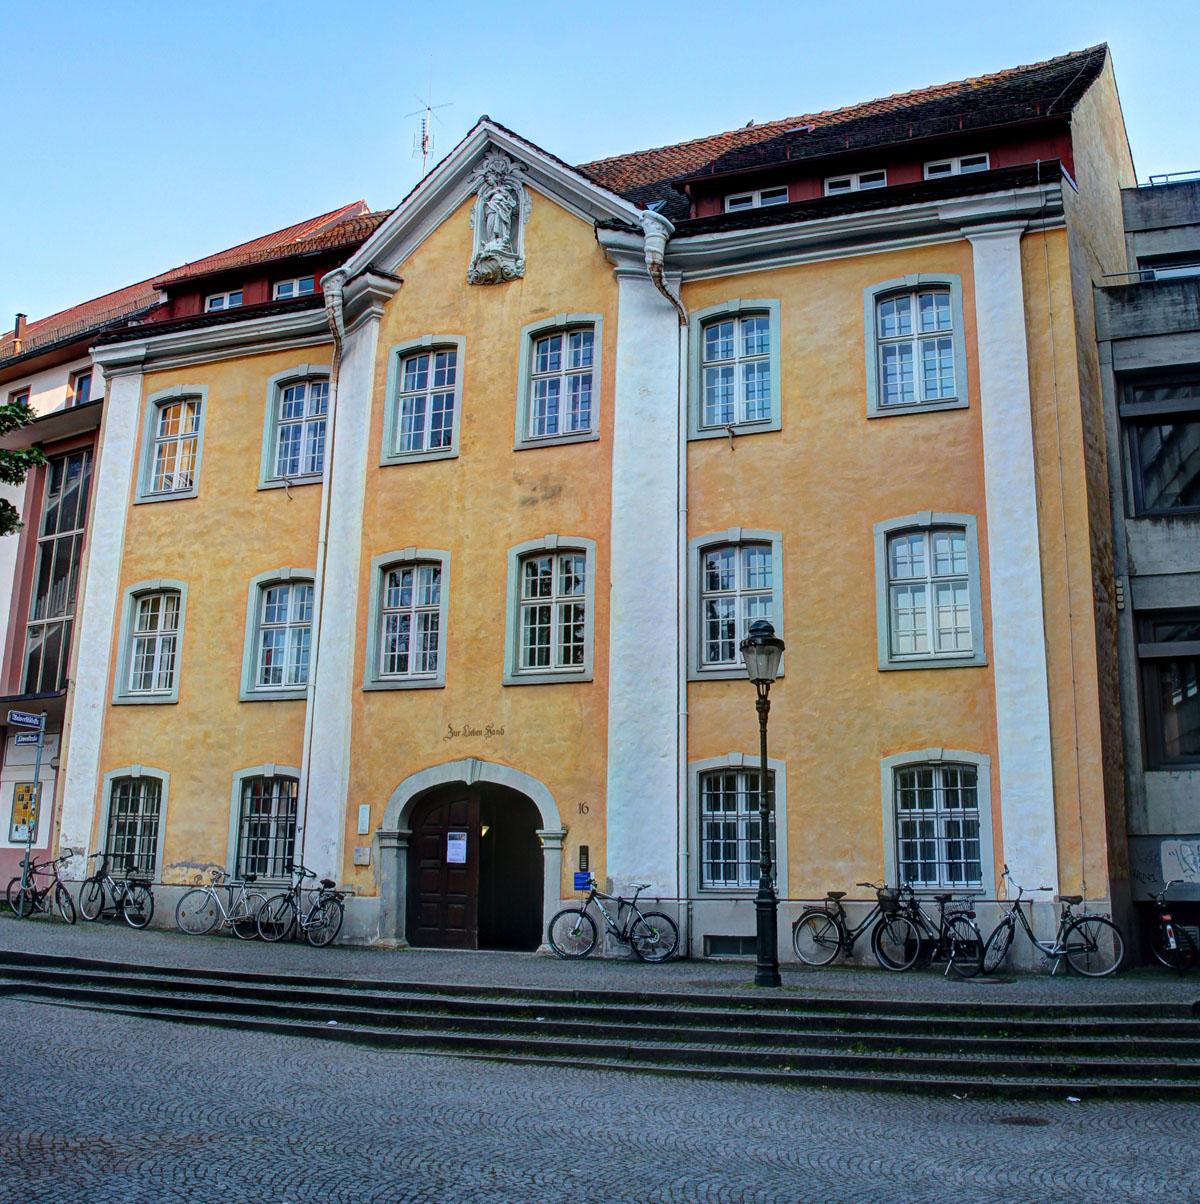 Haus_zur_lieben_Hand_Freiburg